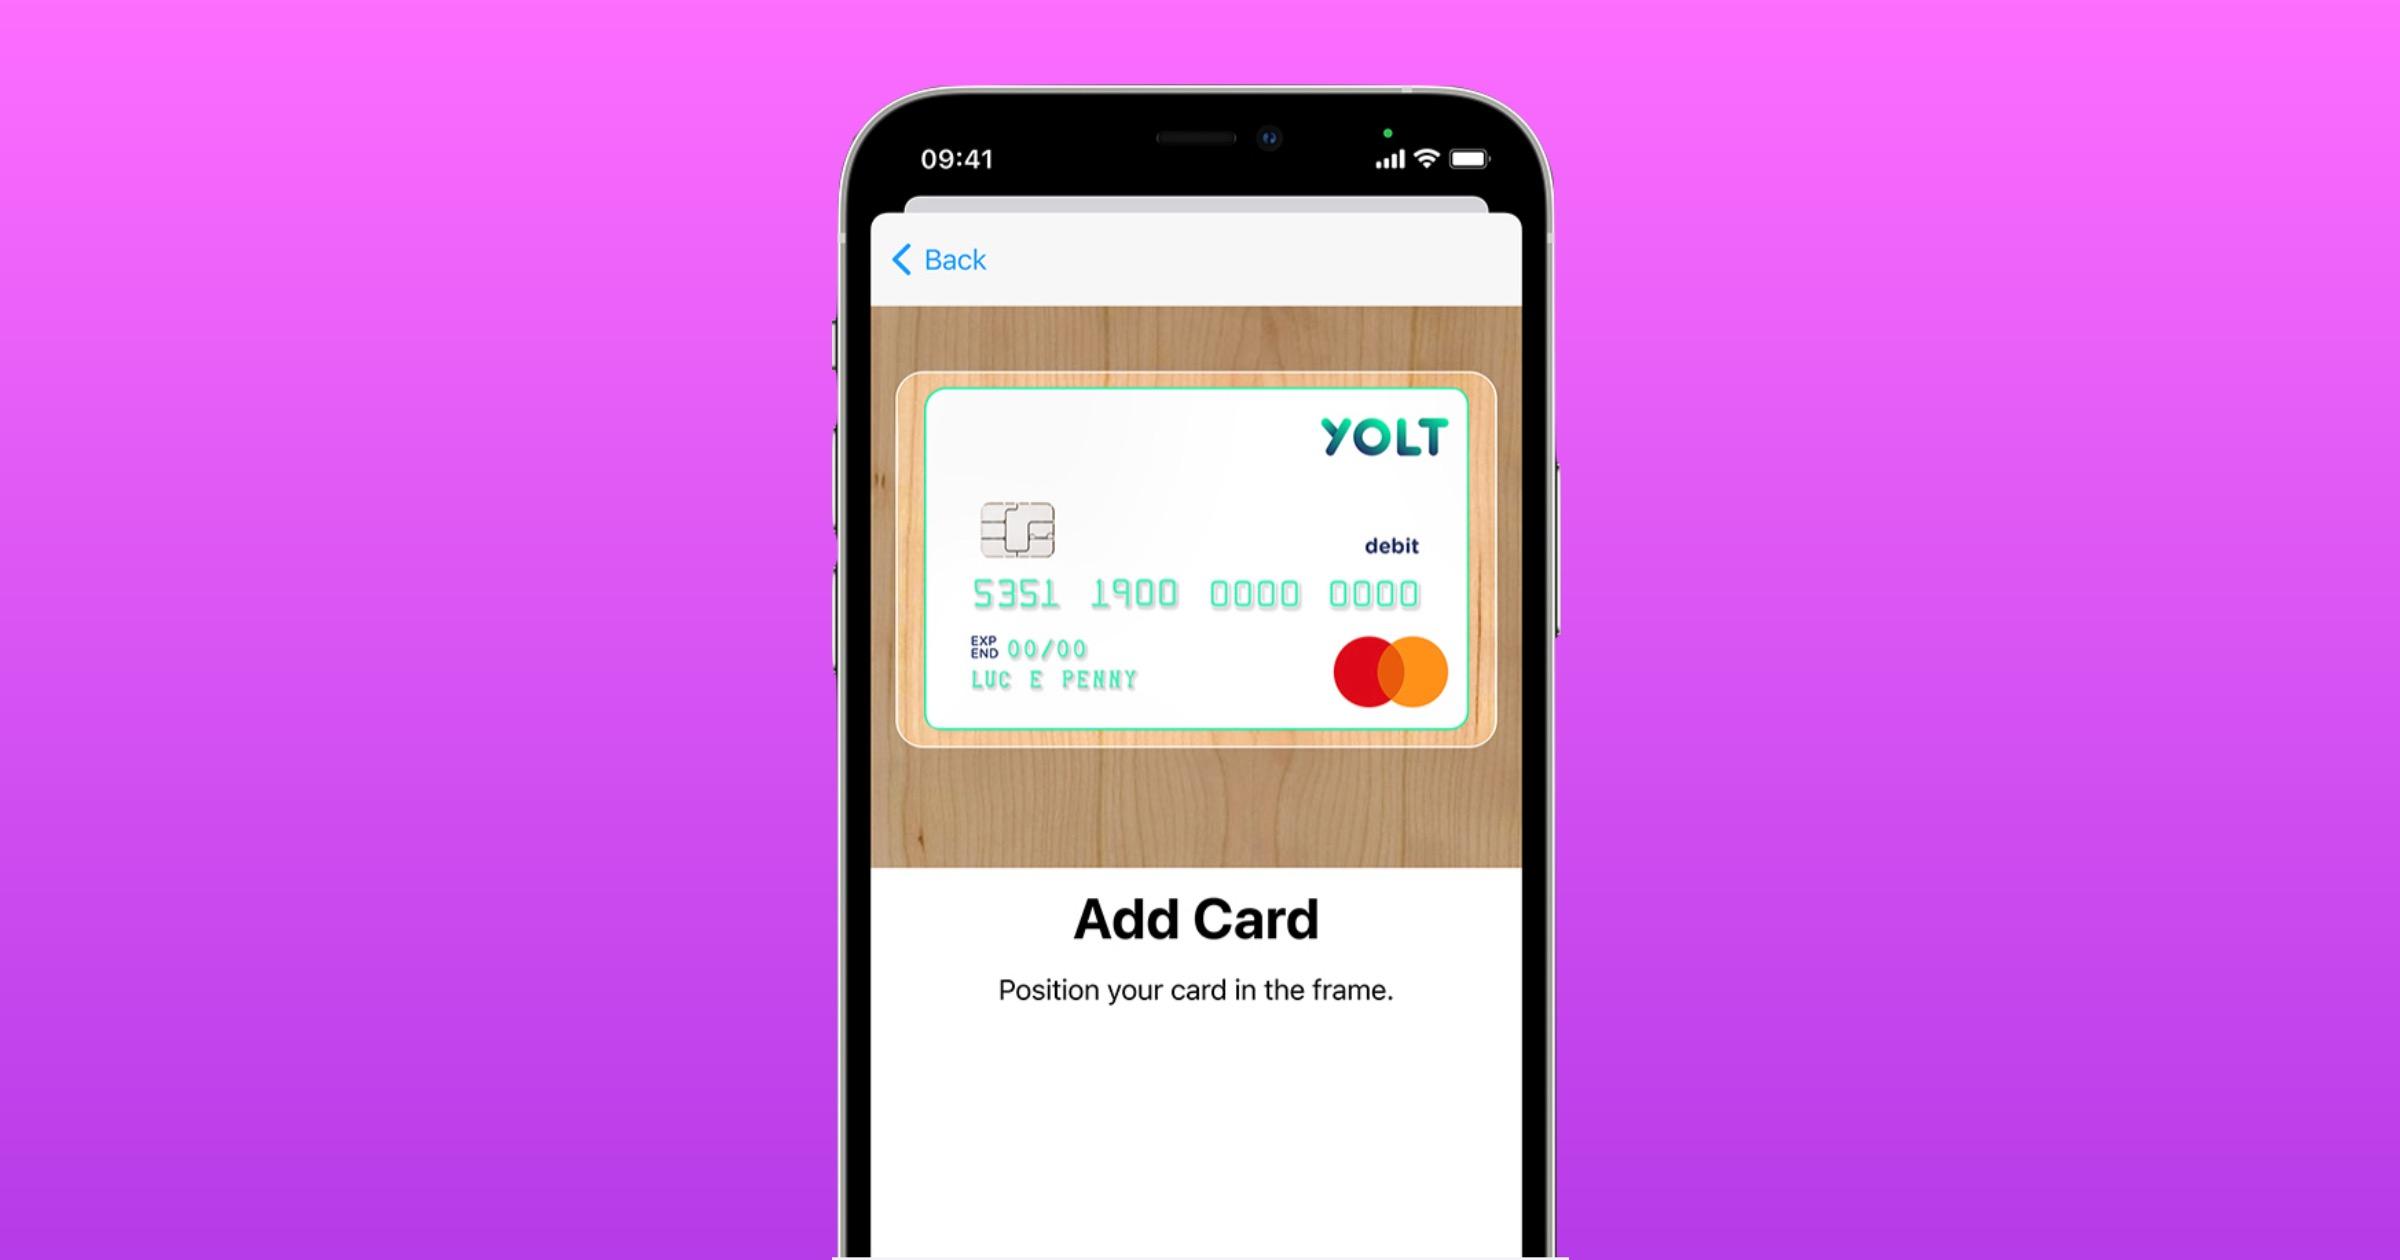 Yolt Apple Pay On an iPhone